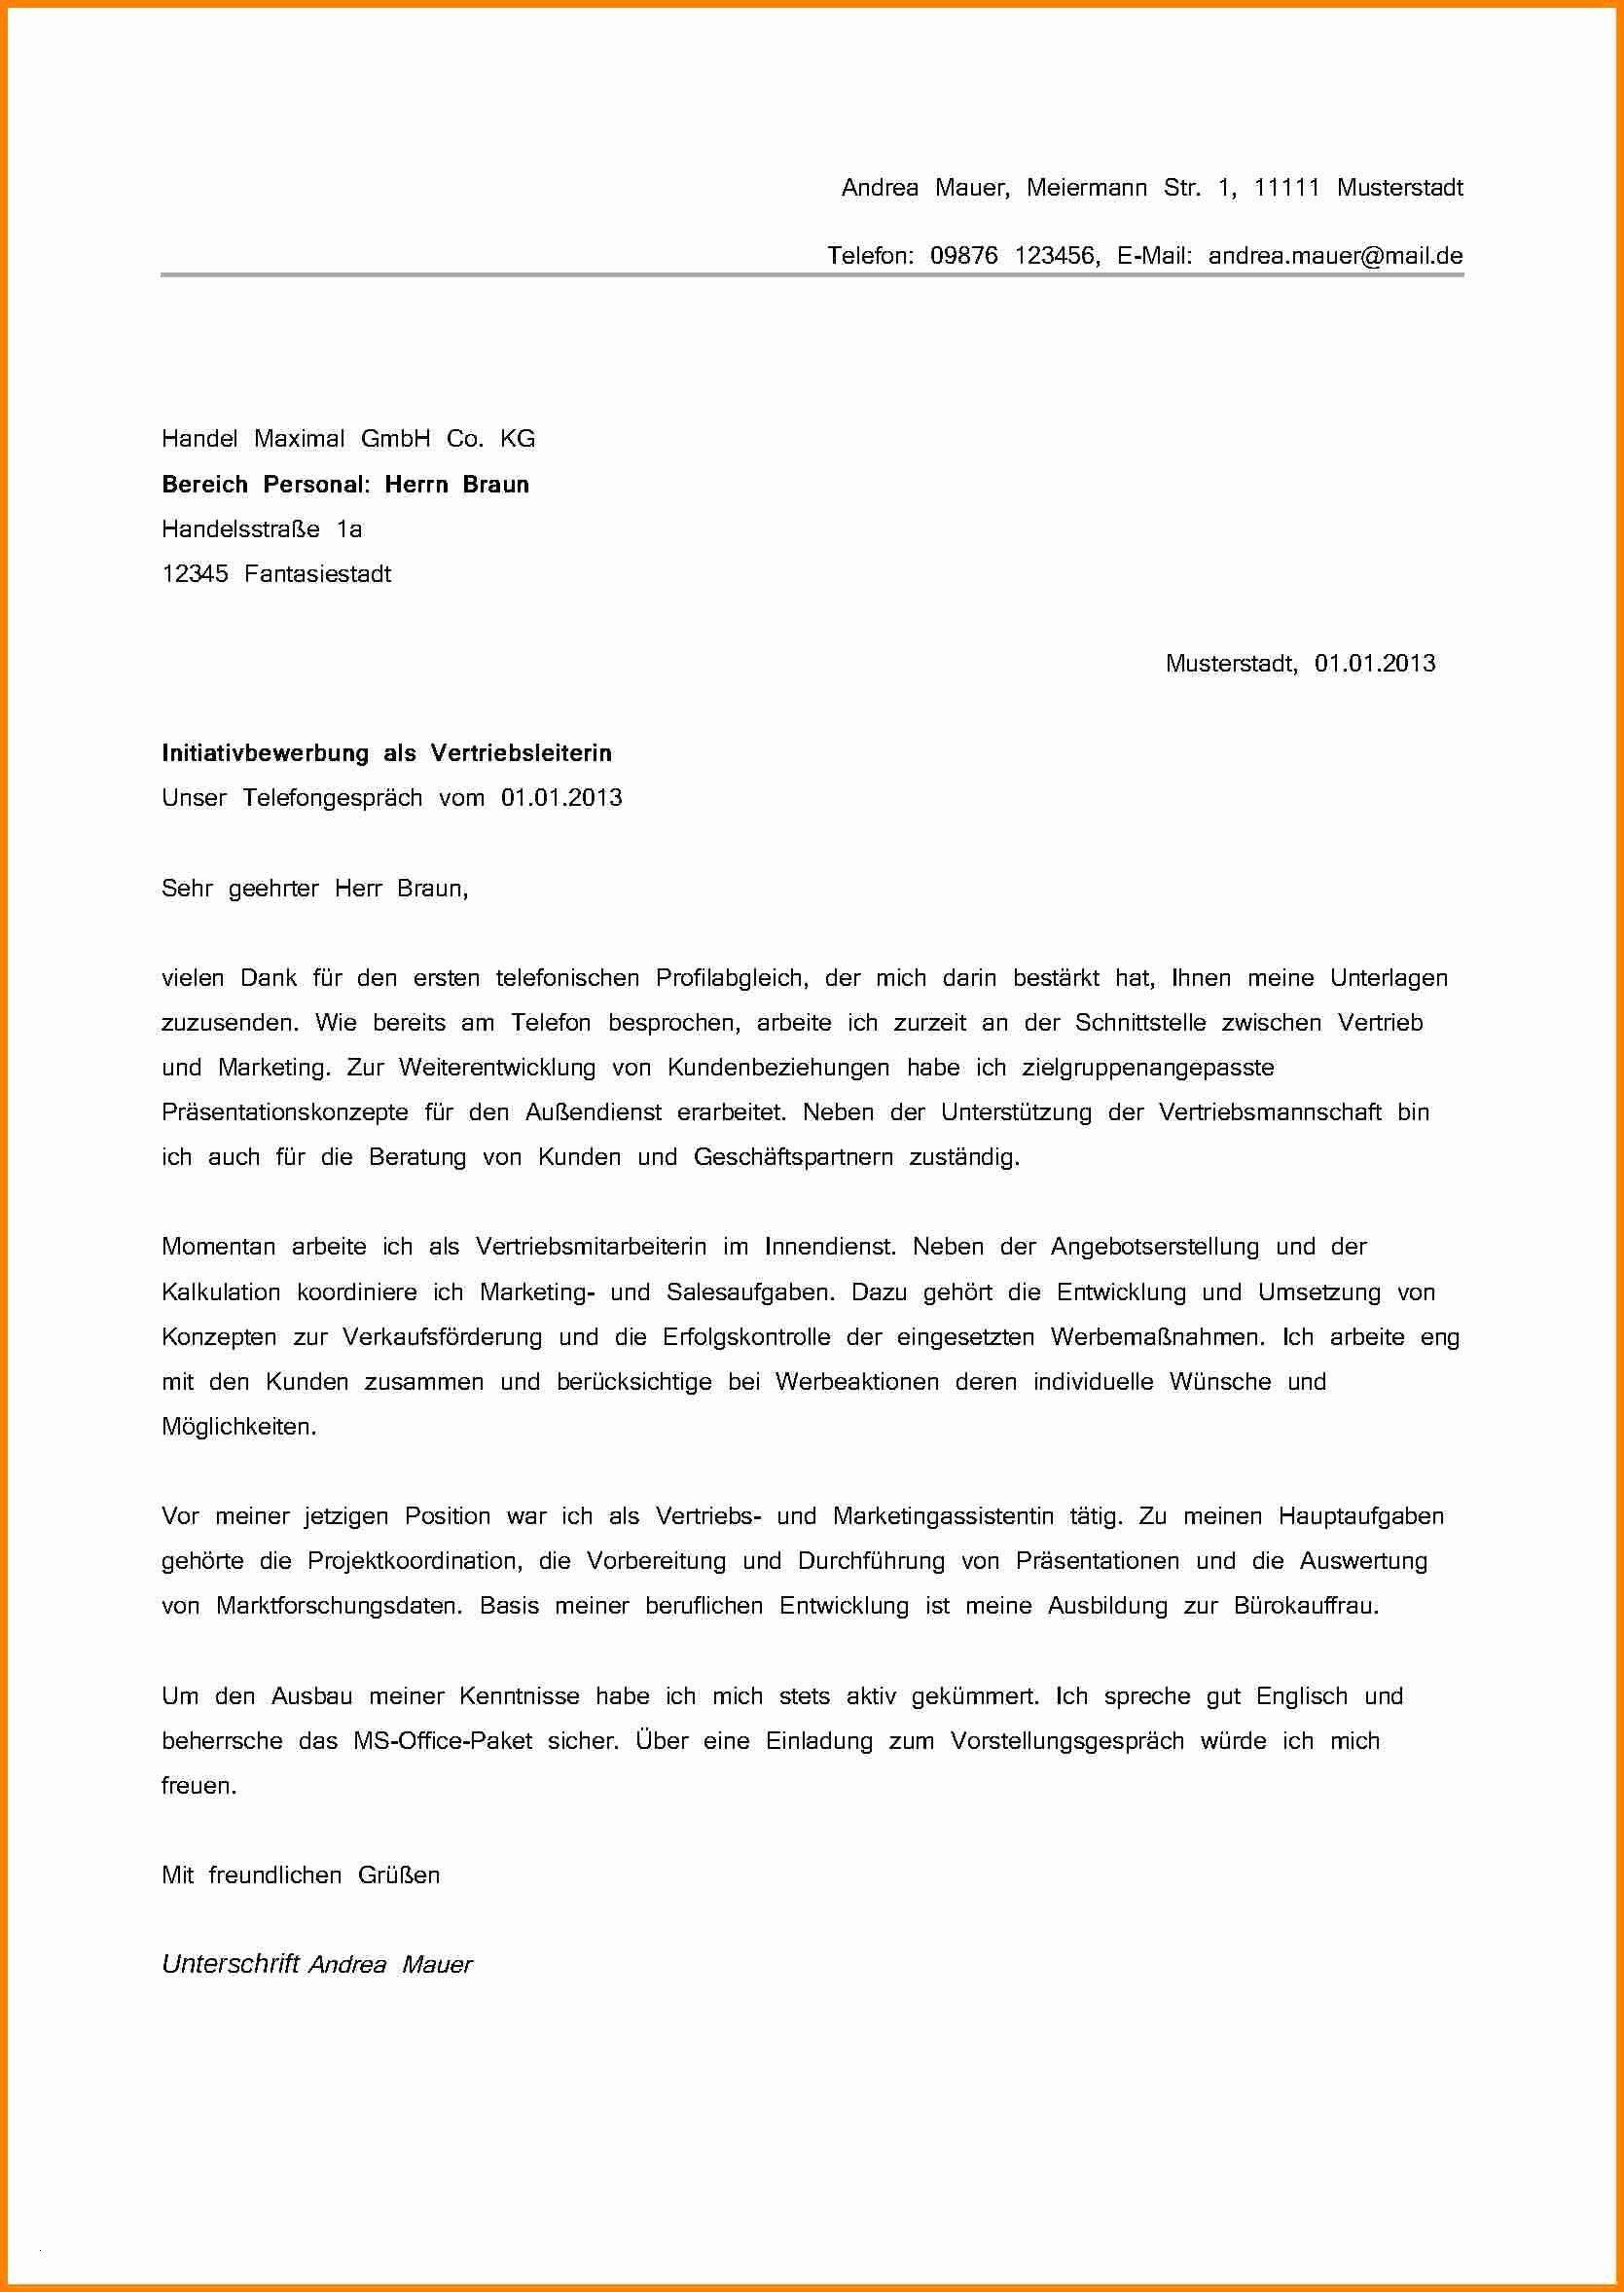 Neu Initiativbewerbung Lehrer Briefprobe Briefformat Briefvorlage Bewerbung Schreiben Lebenslauf Muster Lebenslauf